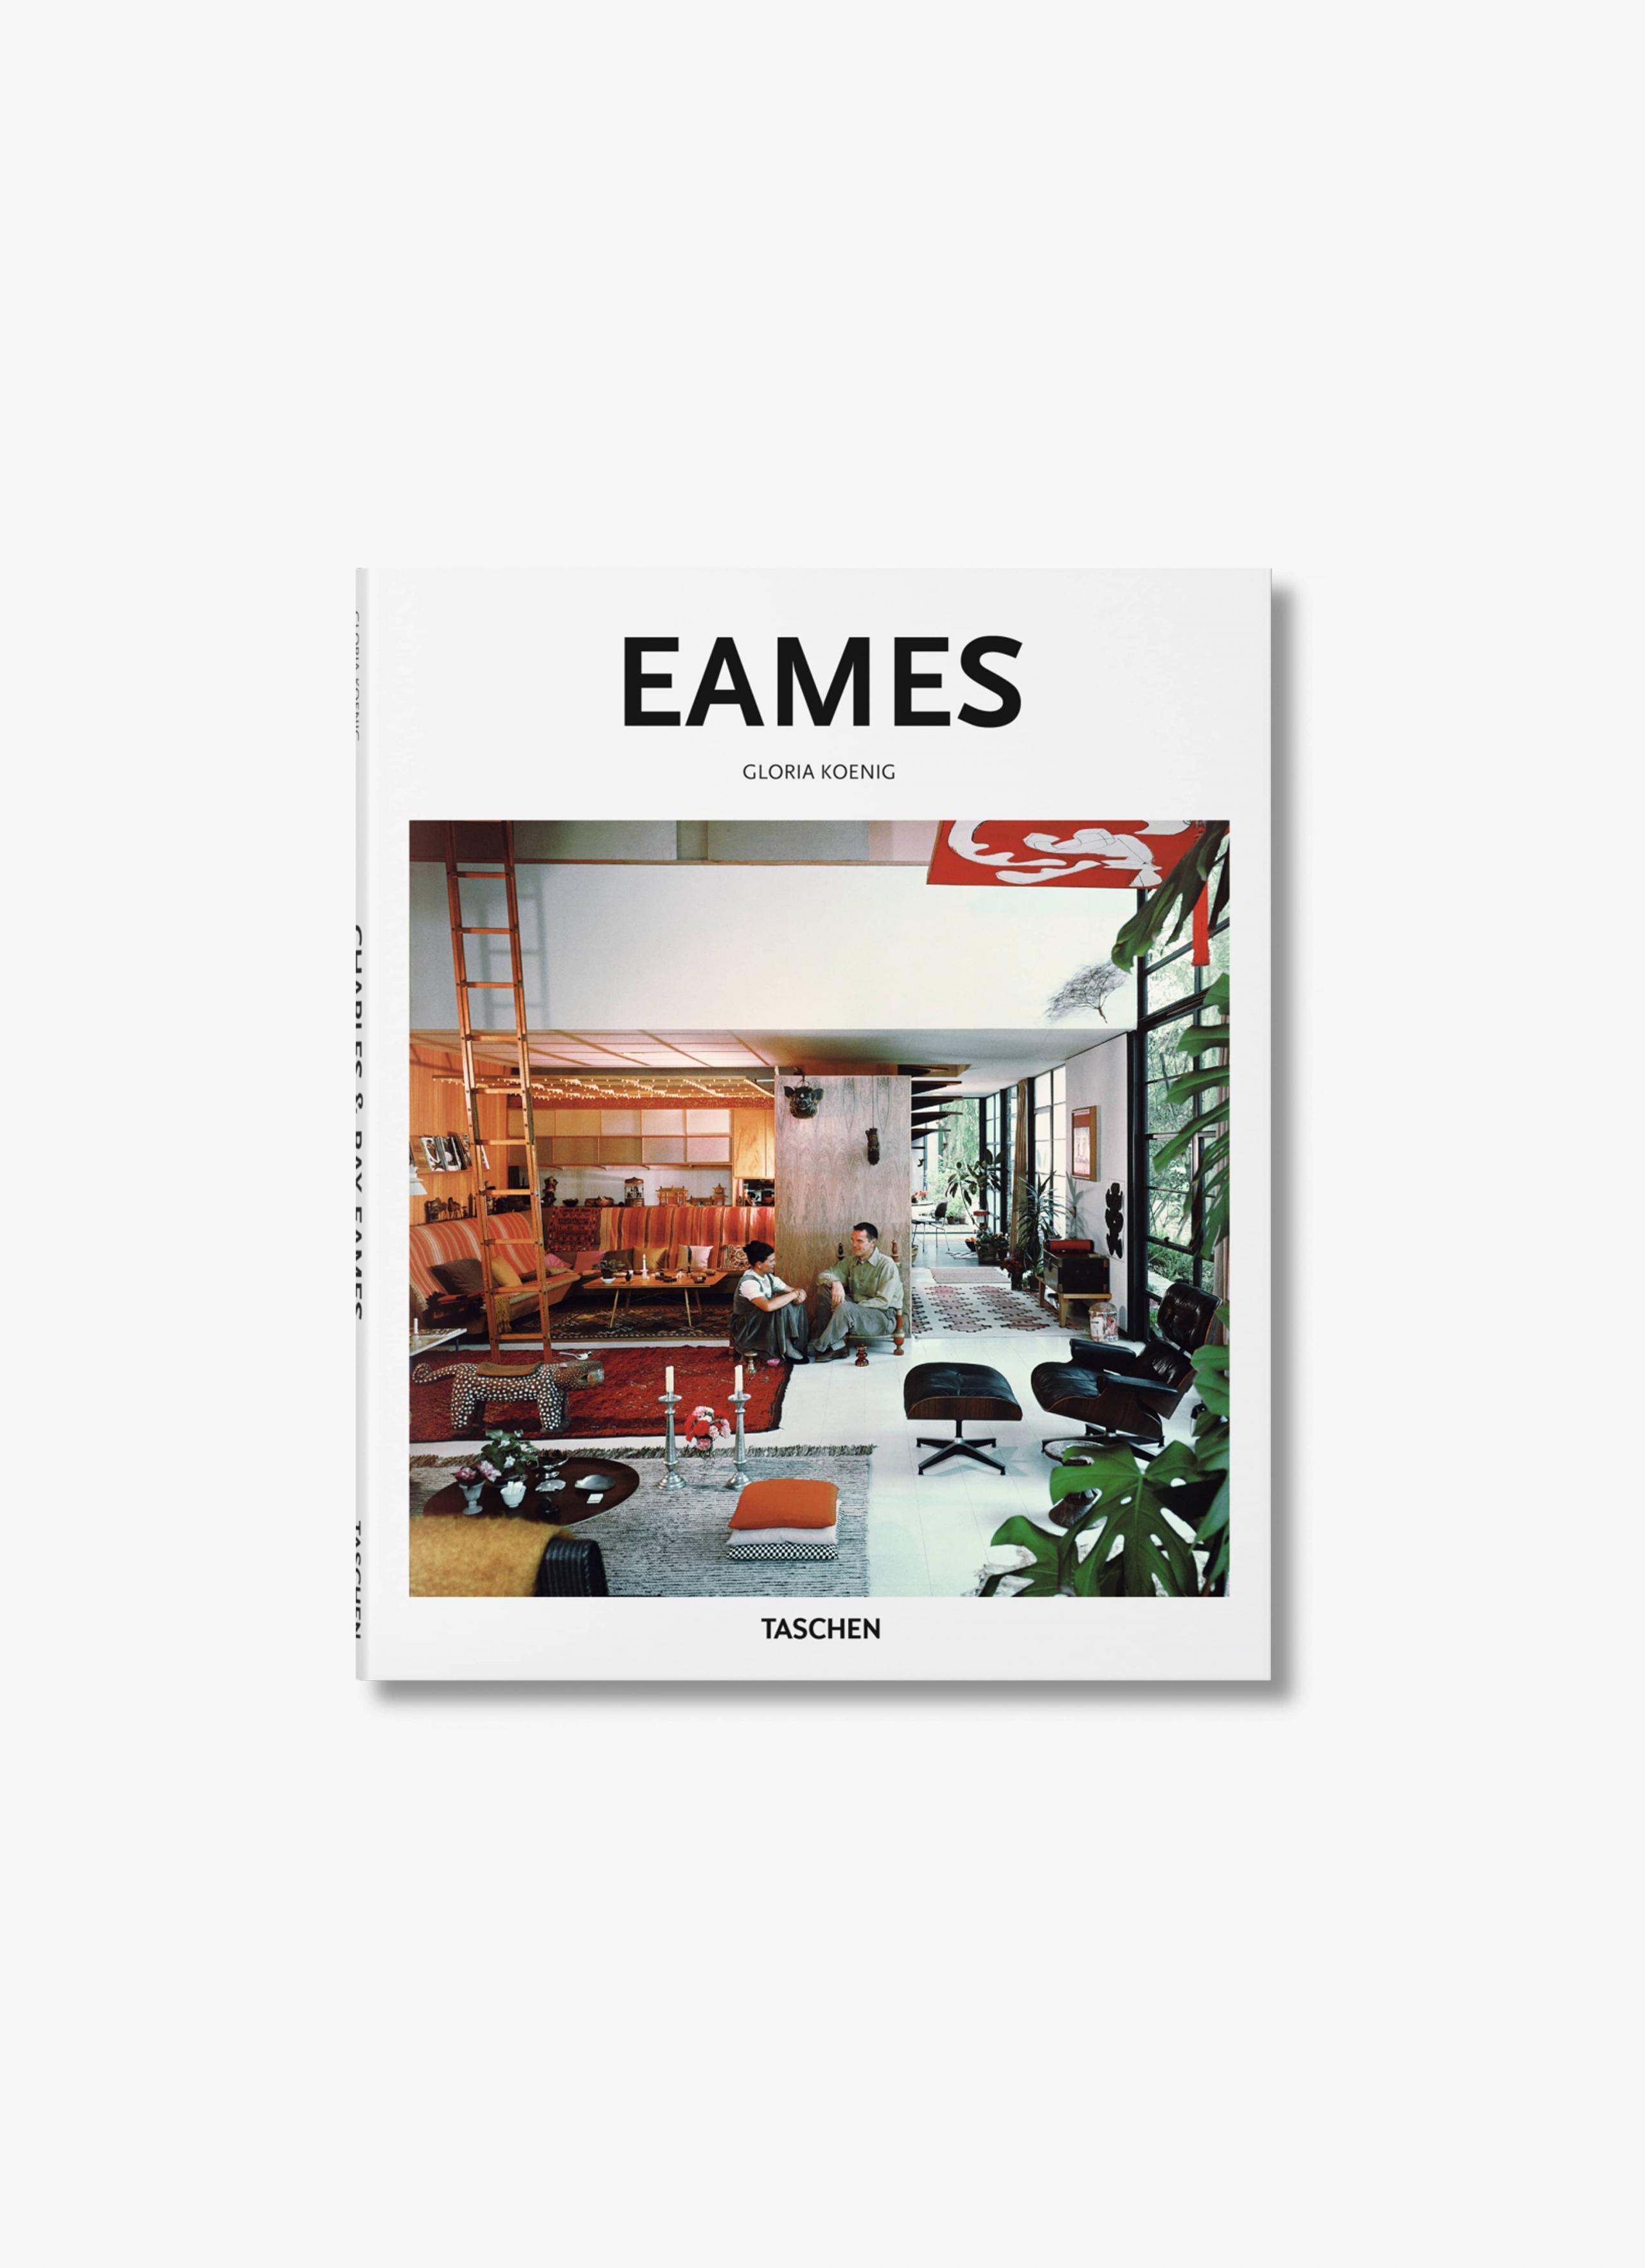 Taschen - Eames